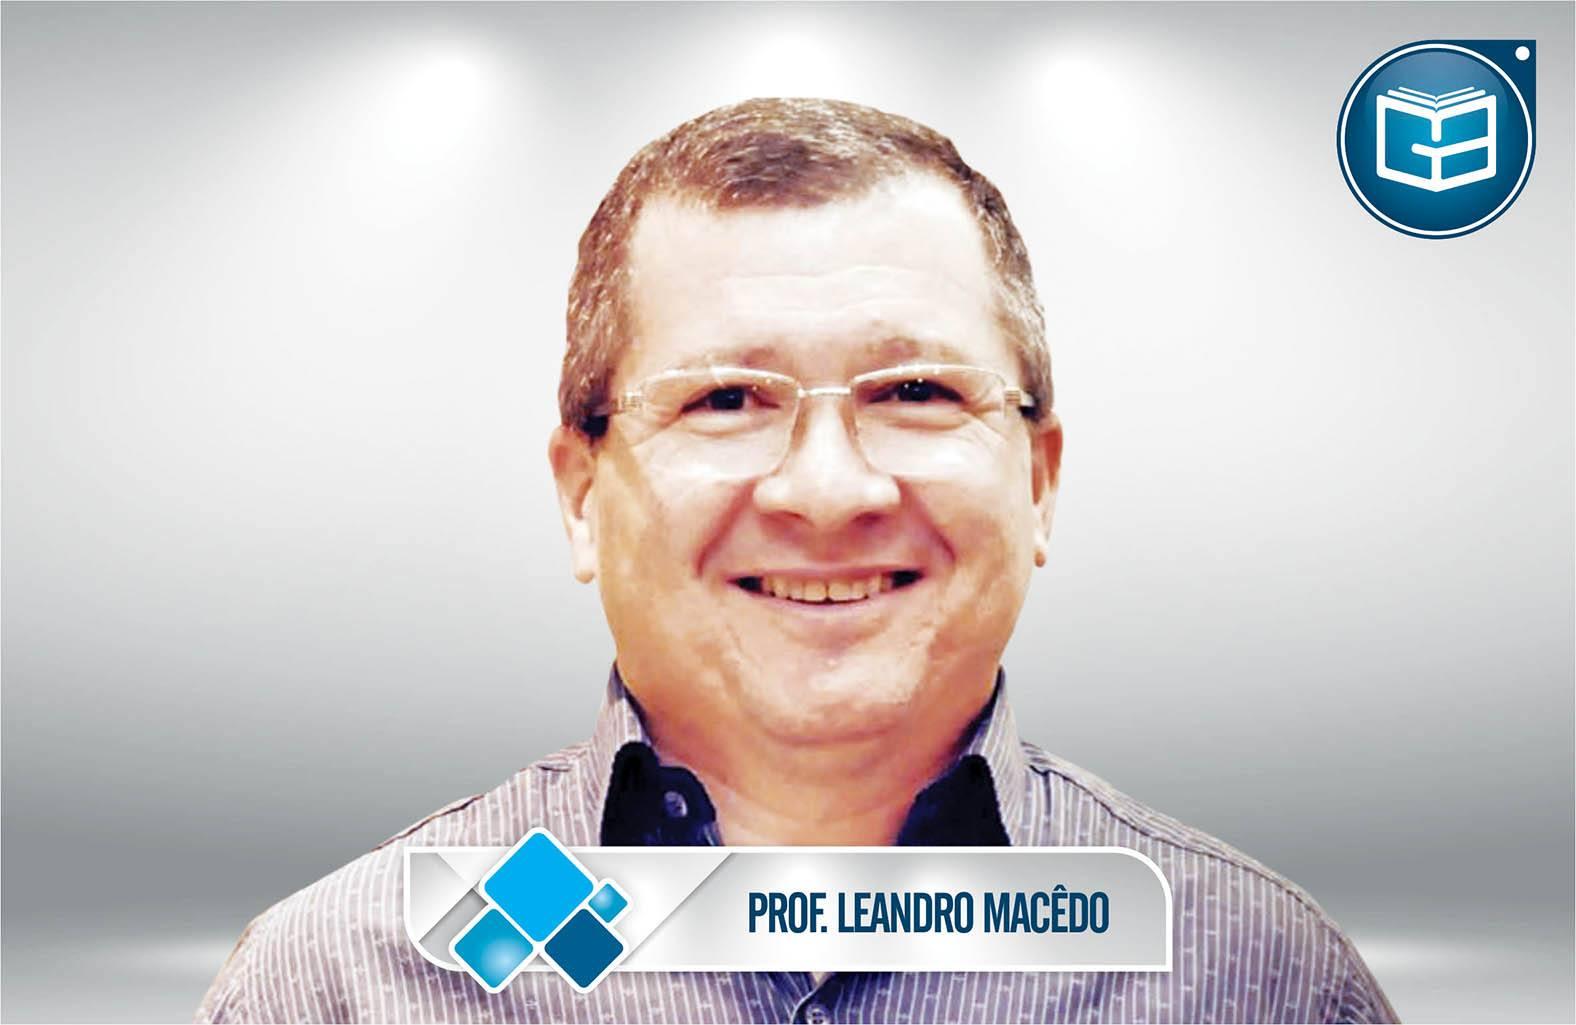 Leandro Macêdo